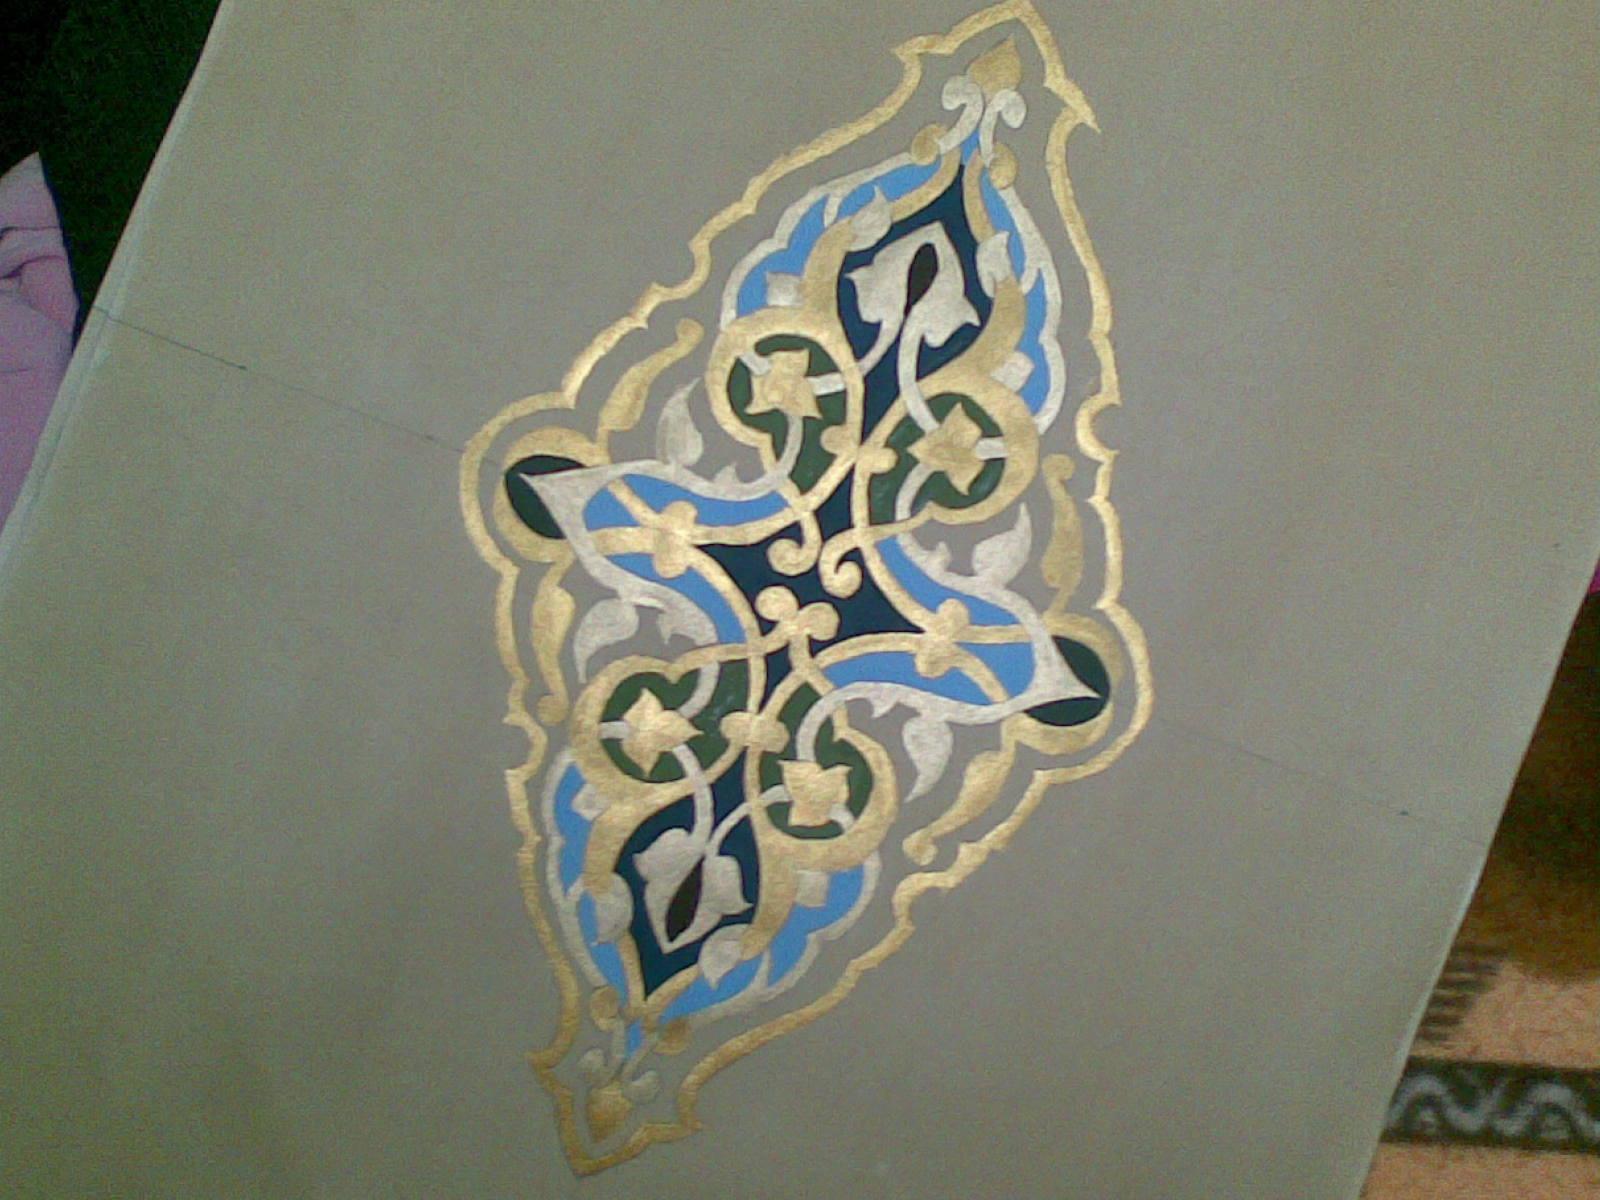 بالصور زخارف اسلامية , اجمل صور لفن الزخرفه الاسلامي 1981 7